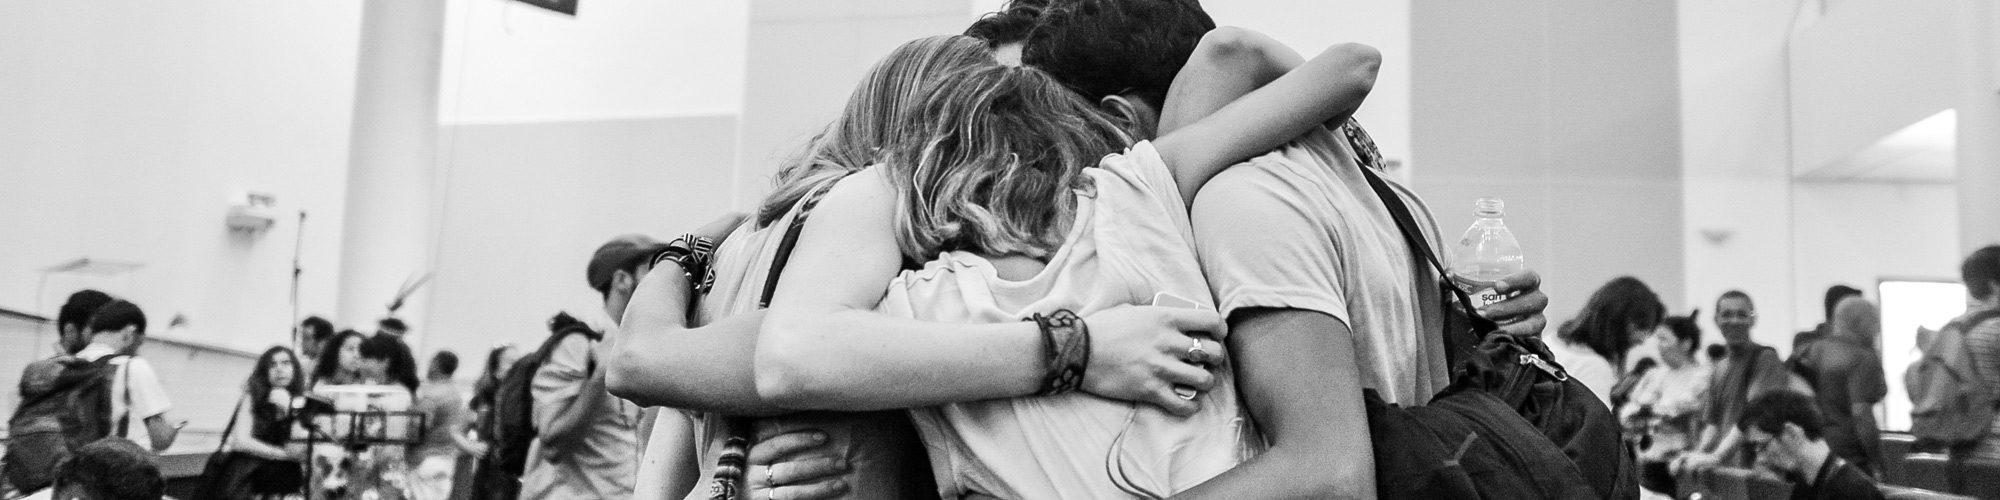 team people hug ICEERS